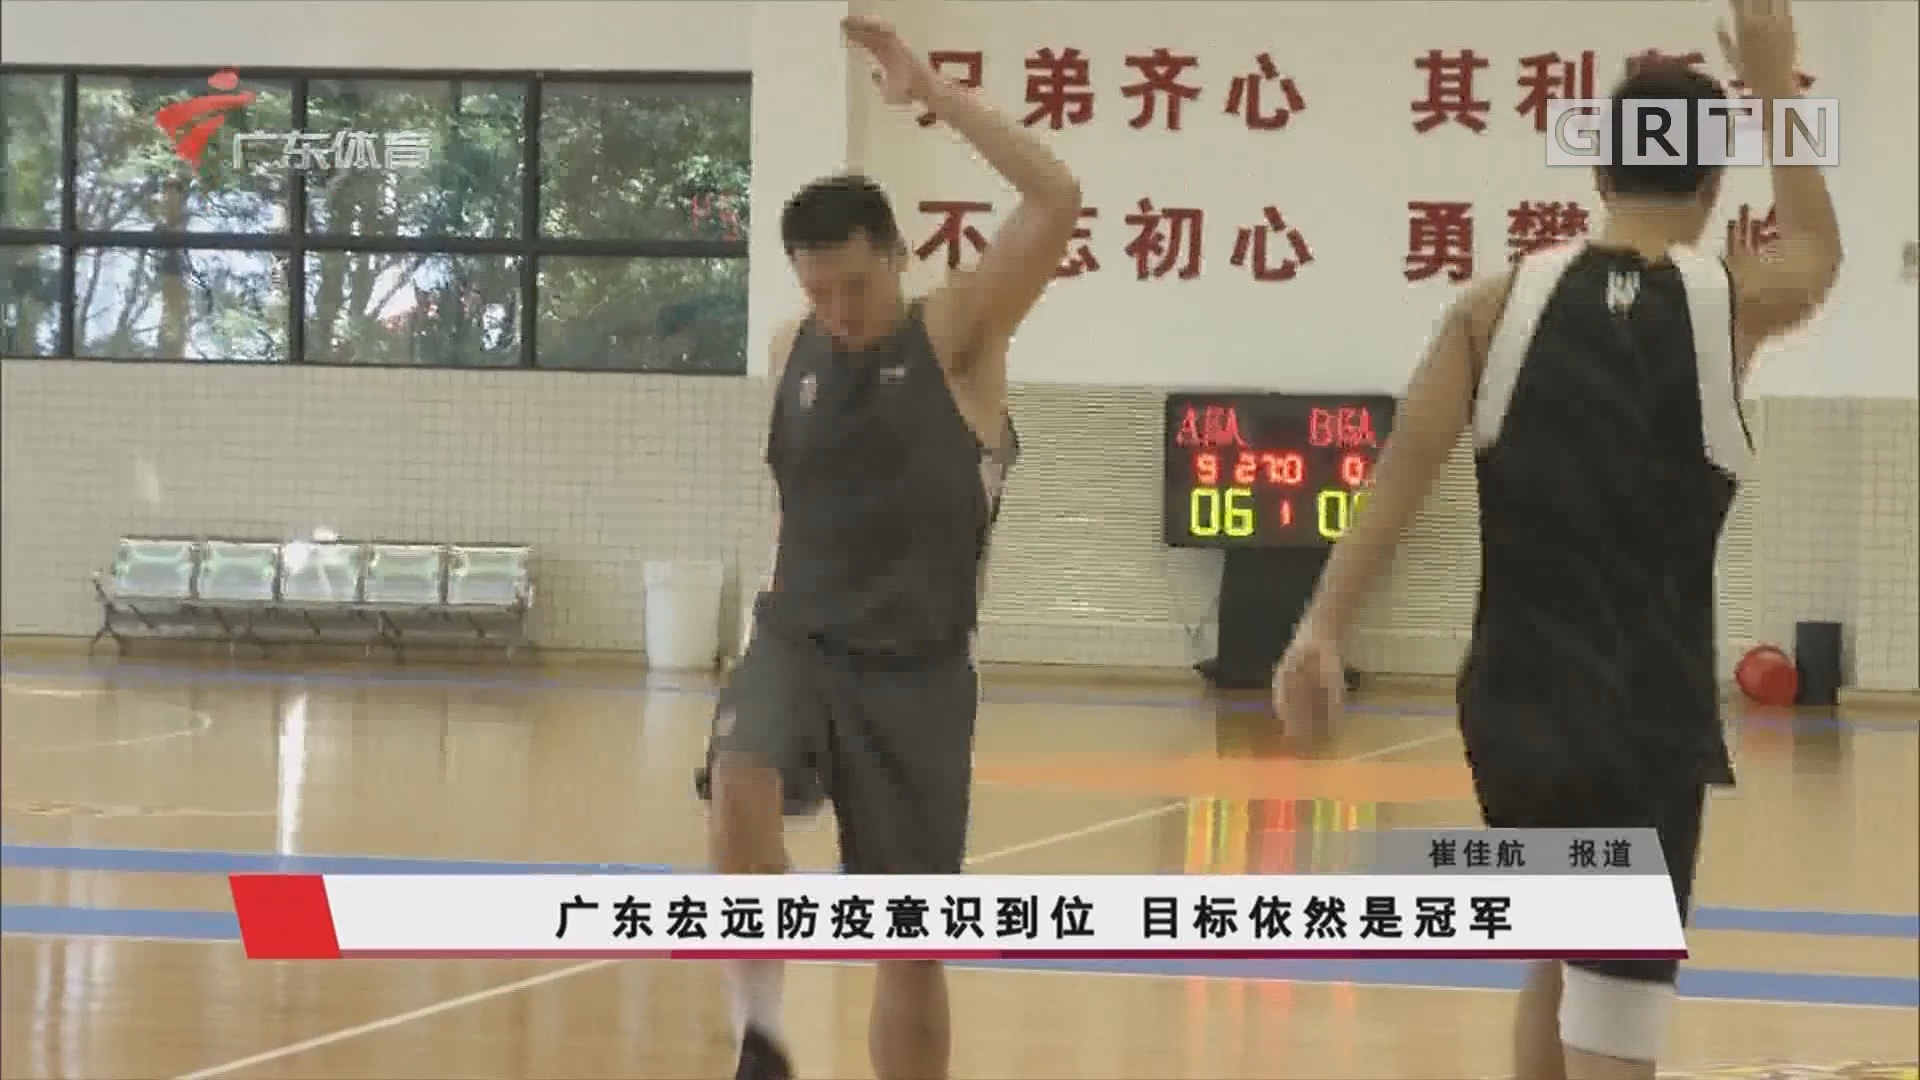 广东宏远防疫意识到位 目标依然是冠军